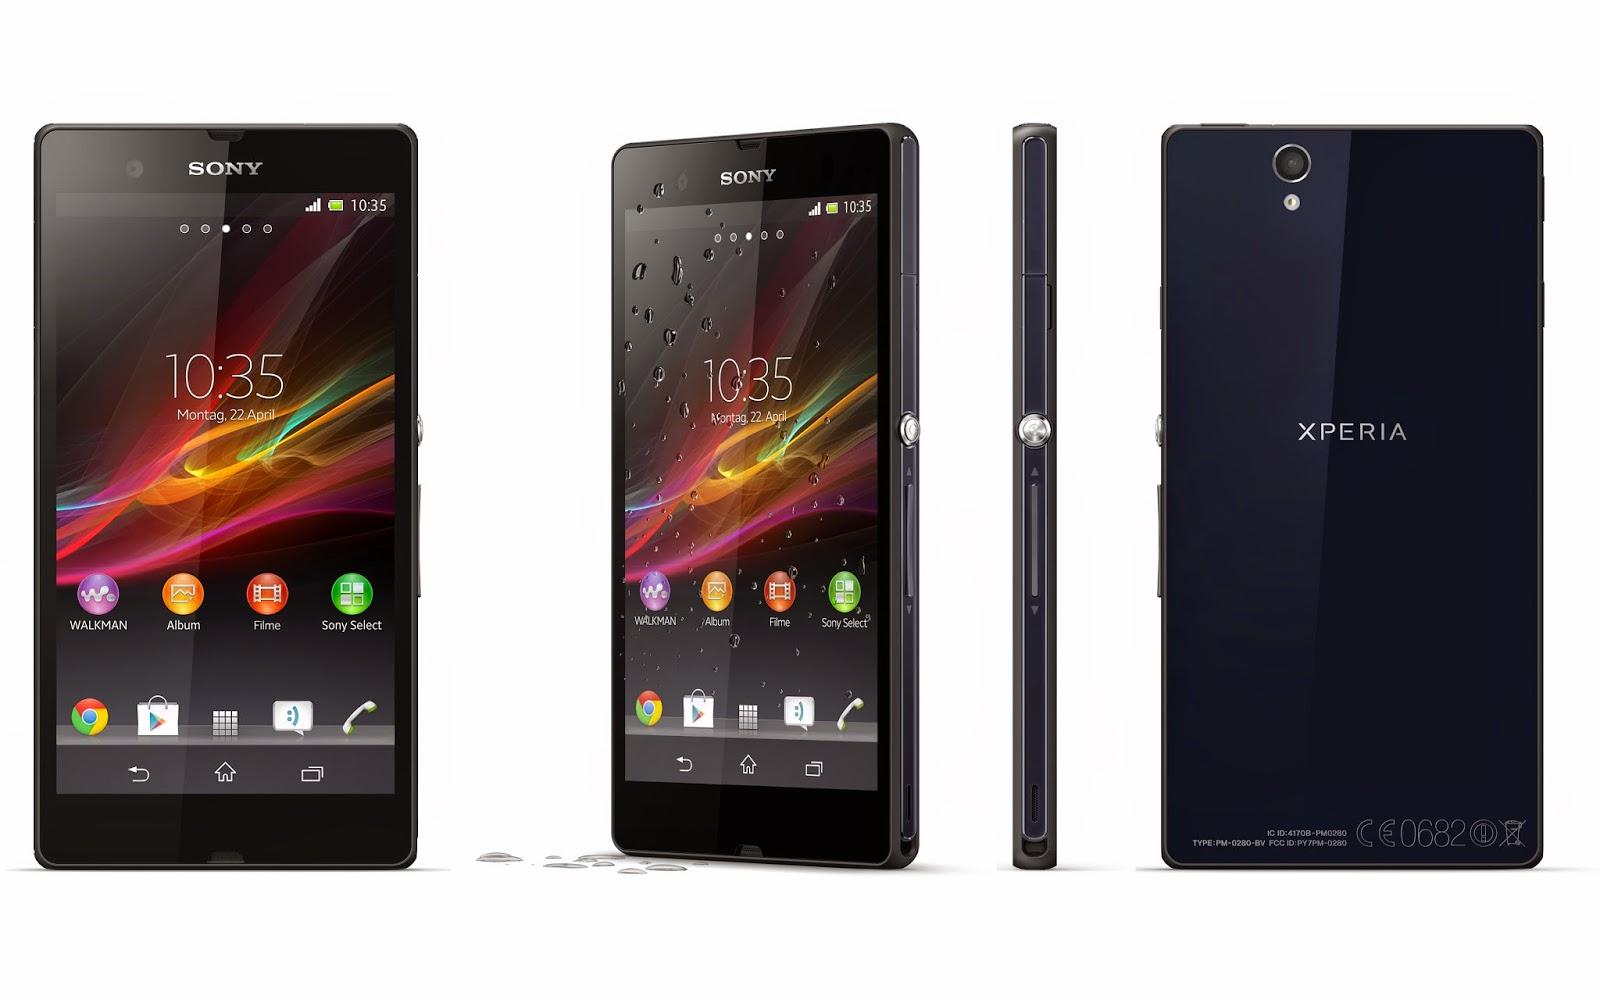 Harga dan Spesifikasi Sony Xperia Z3 paling Terbaru